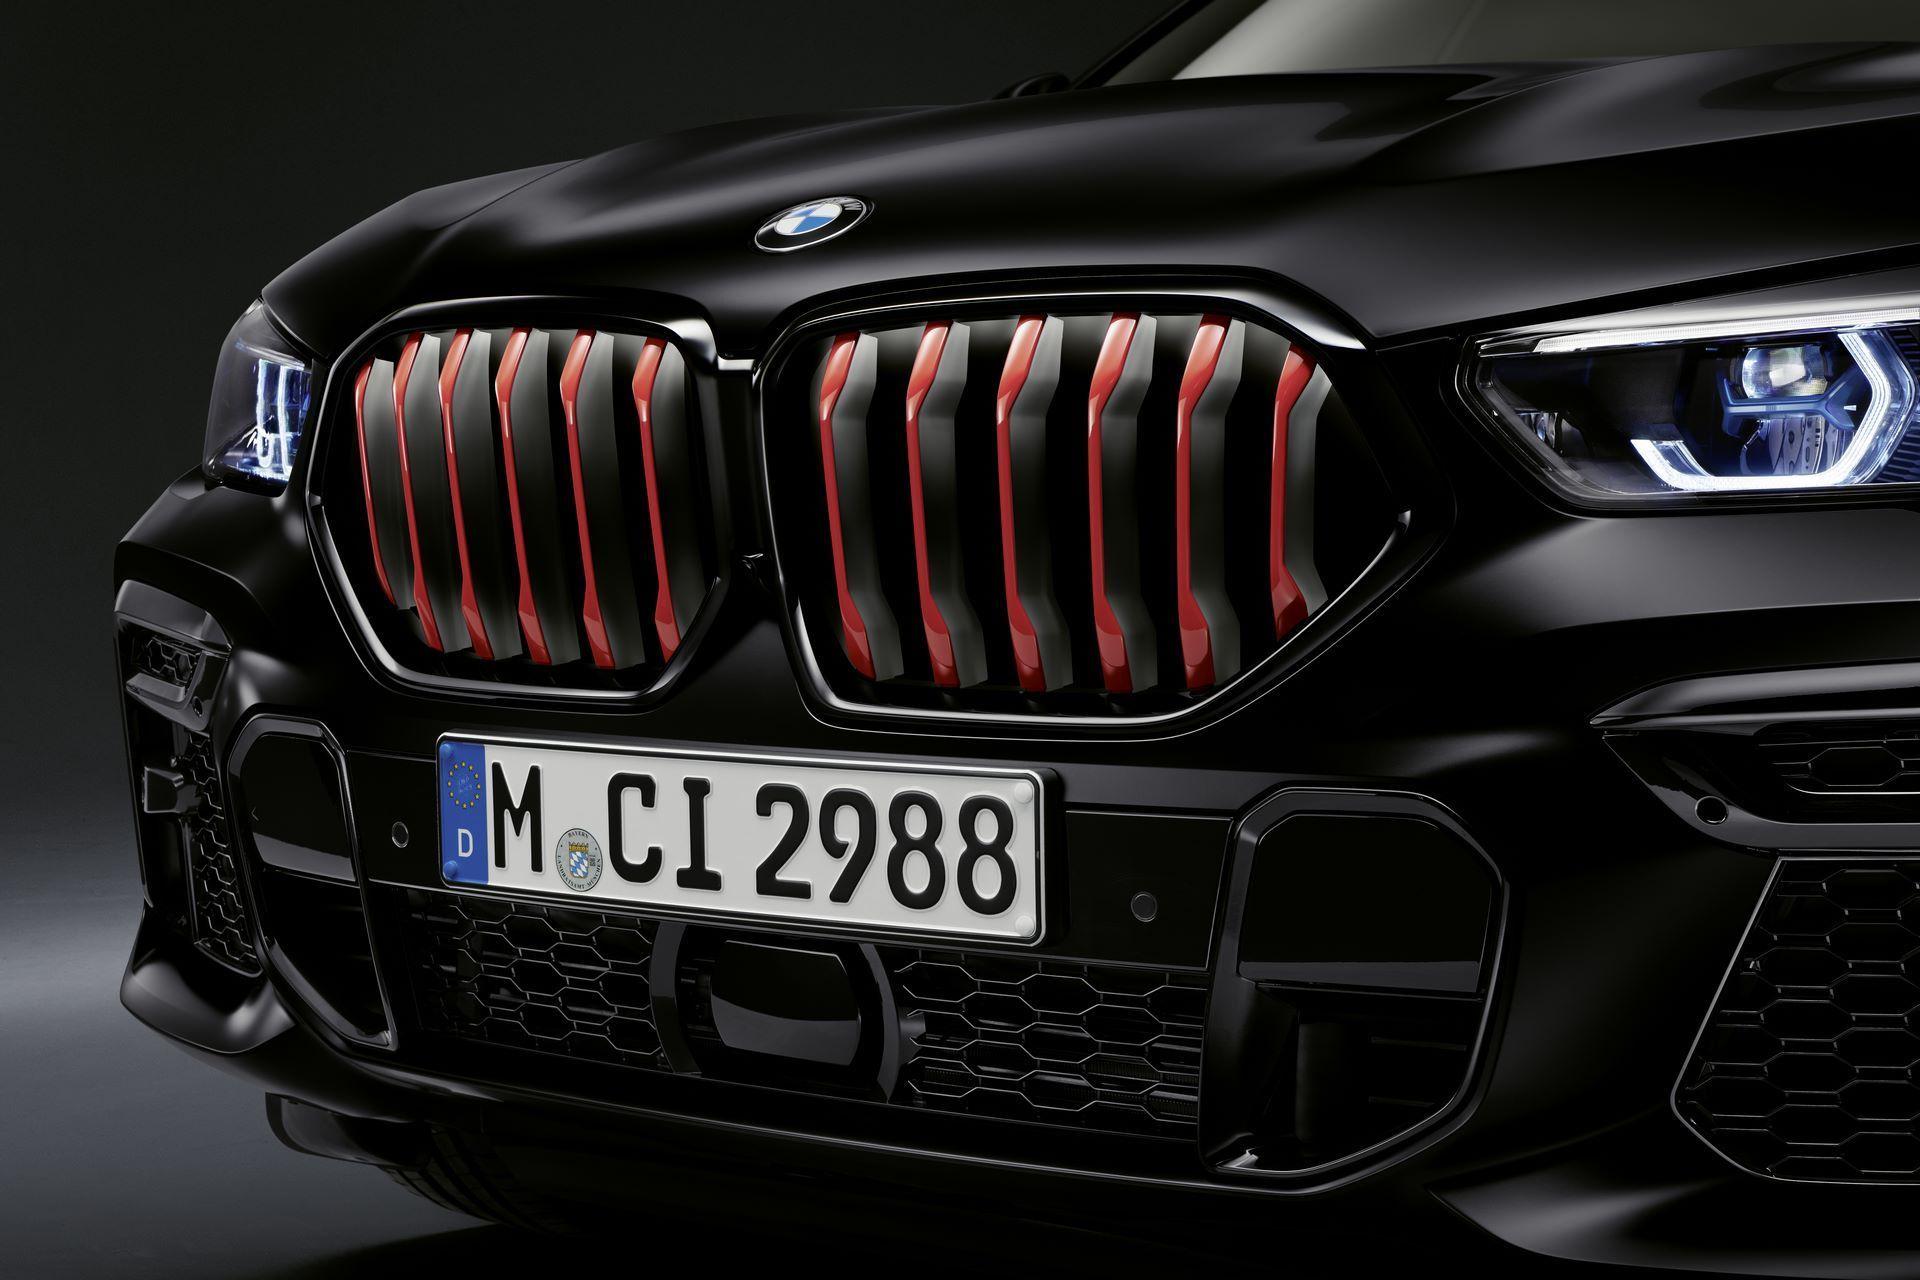 BMW-X5-Χ6-Black-Vermilion-X7-Limited-Edition-42